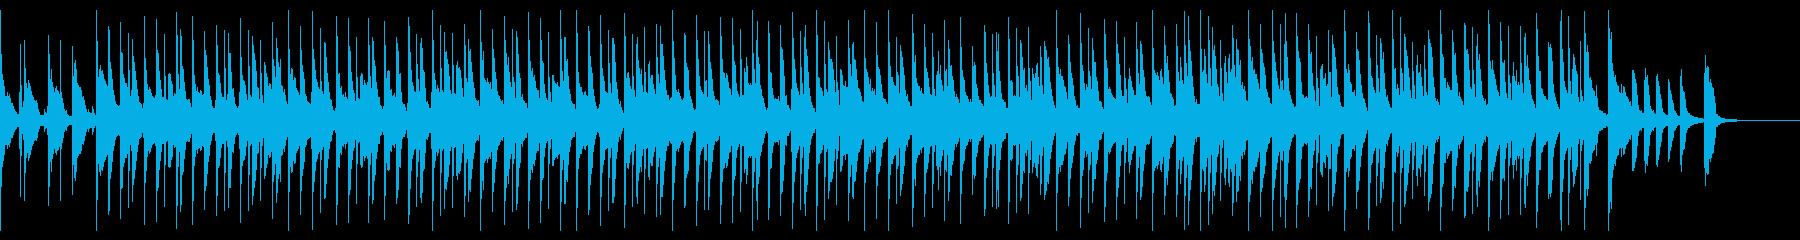 かわいくて、跳ねるようなリズムのポップスの再生済みの波形